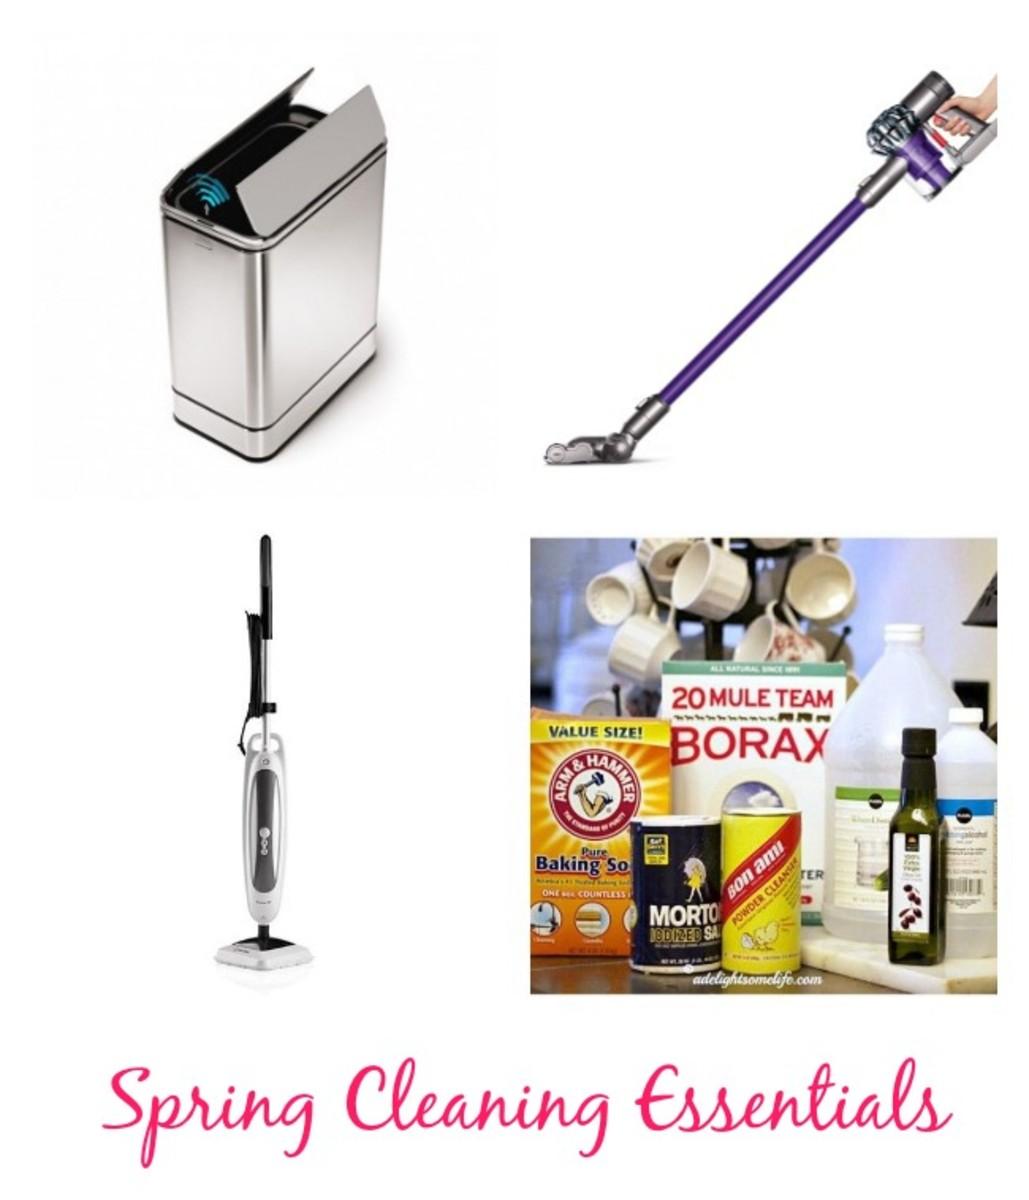 Spring Cleaning Essentials.jpg.jpg